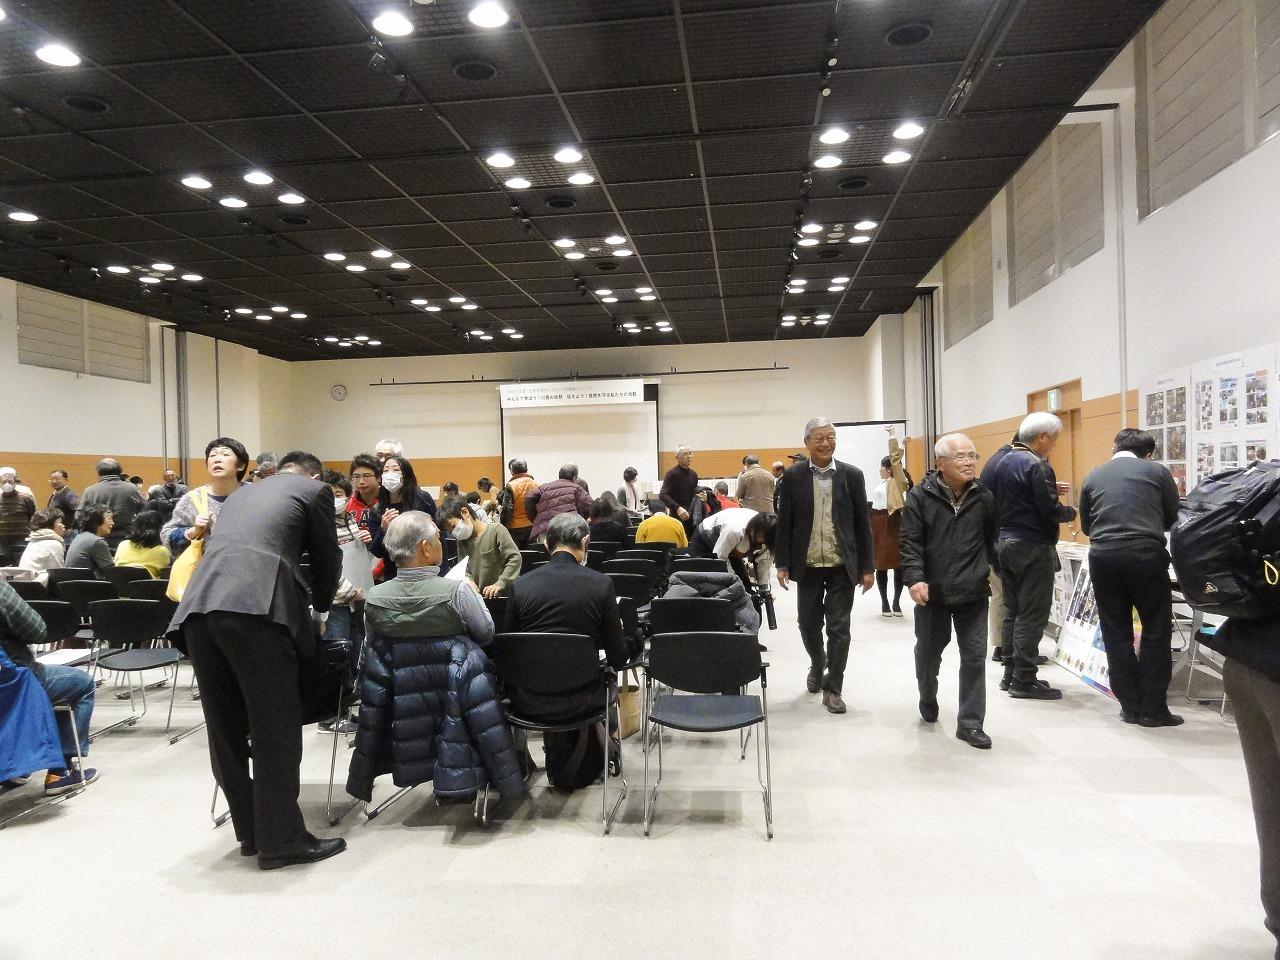 2020年2月9日 臨時(川西市主催「生物多様性ふるさと川西戦略シンポジウム」パネル展示に参加_d0024426_17395693.jpg